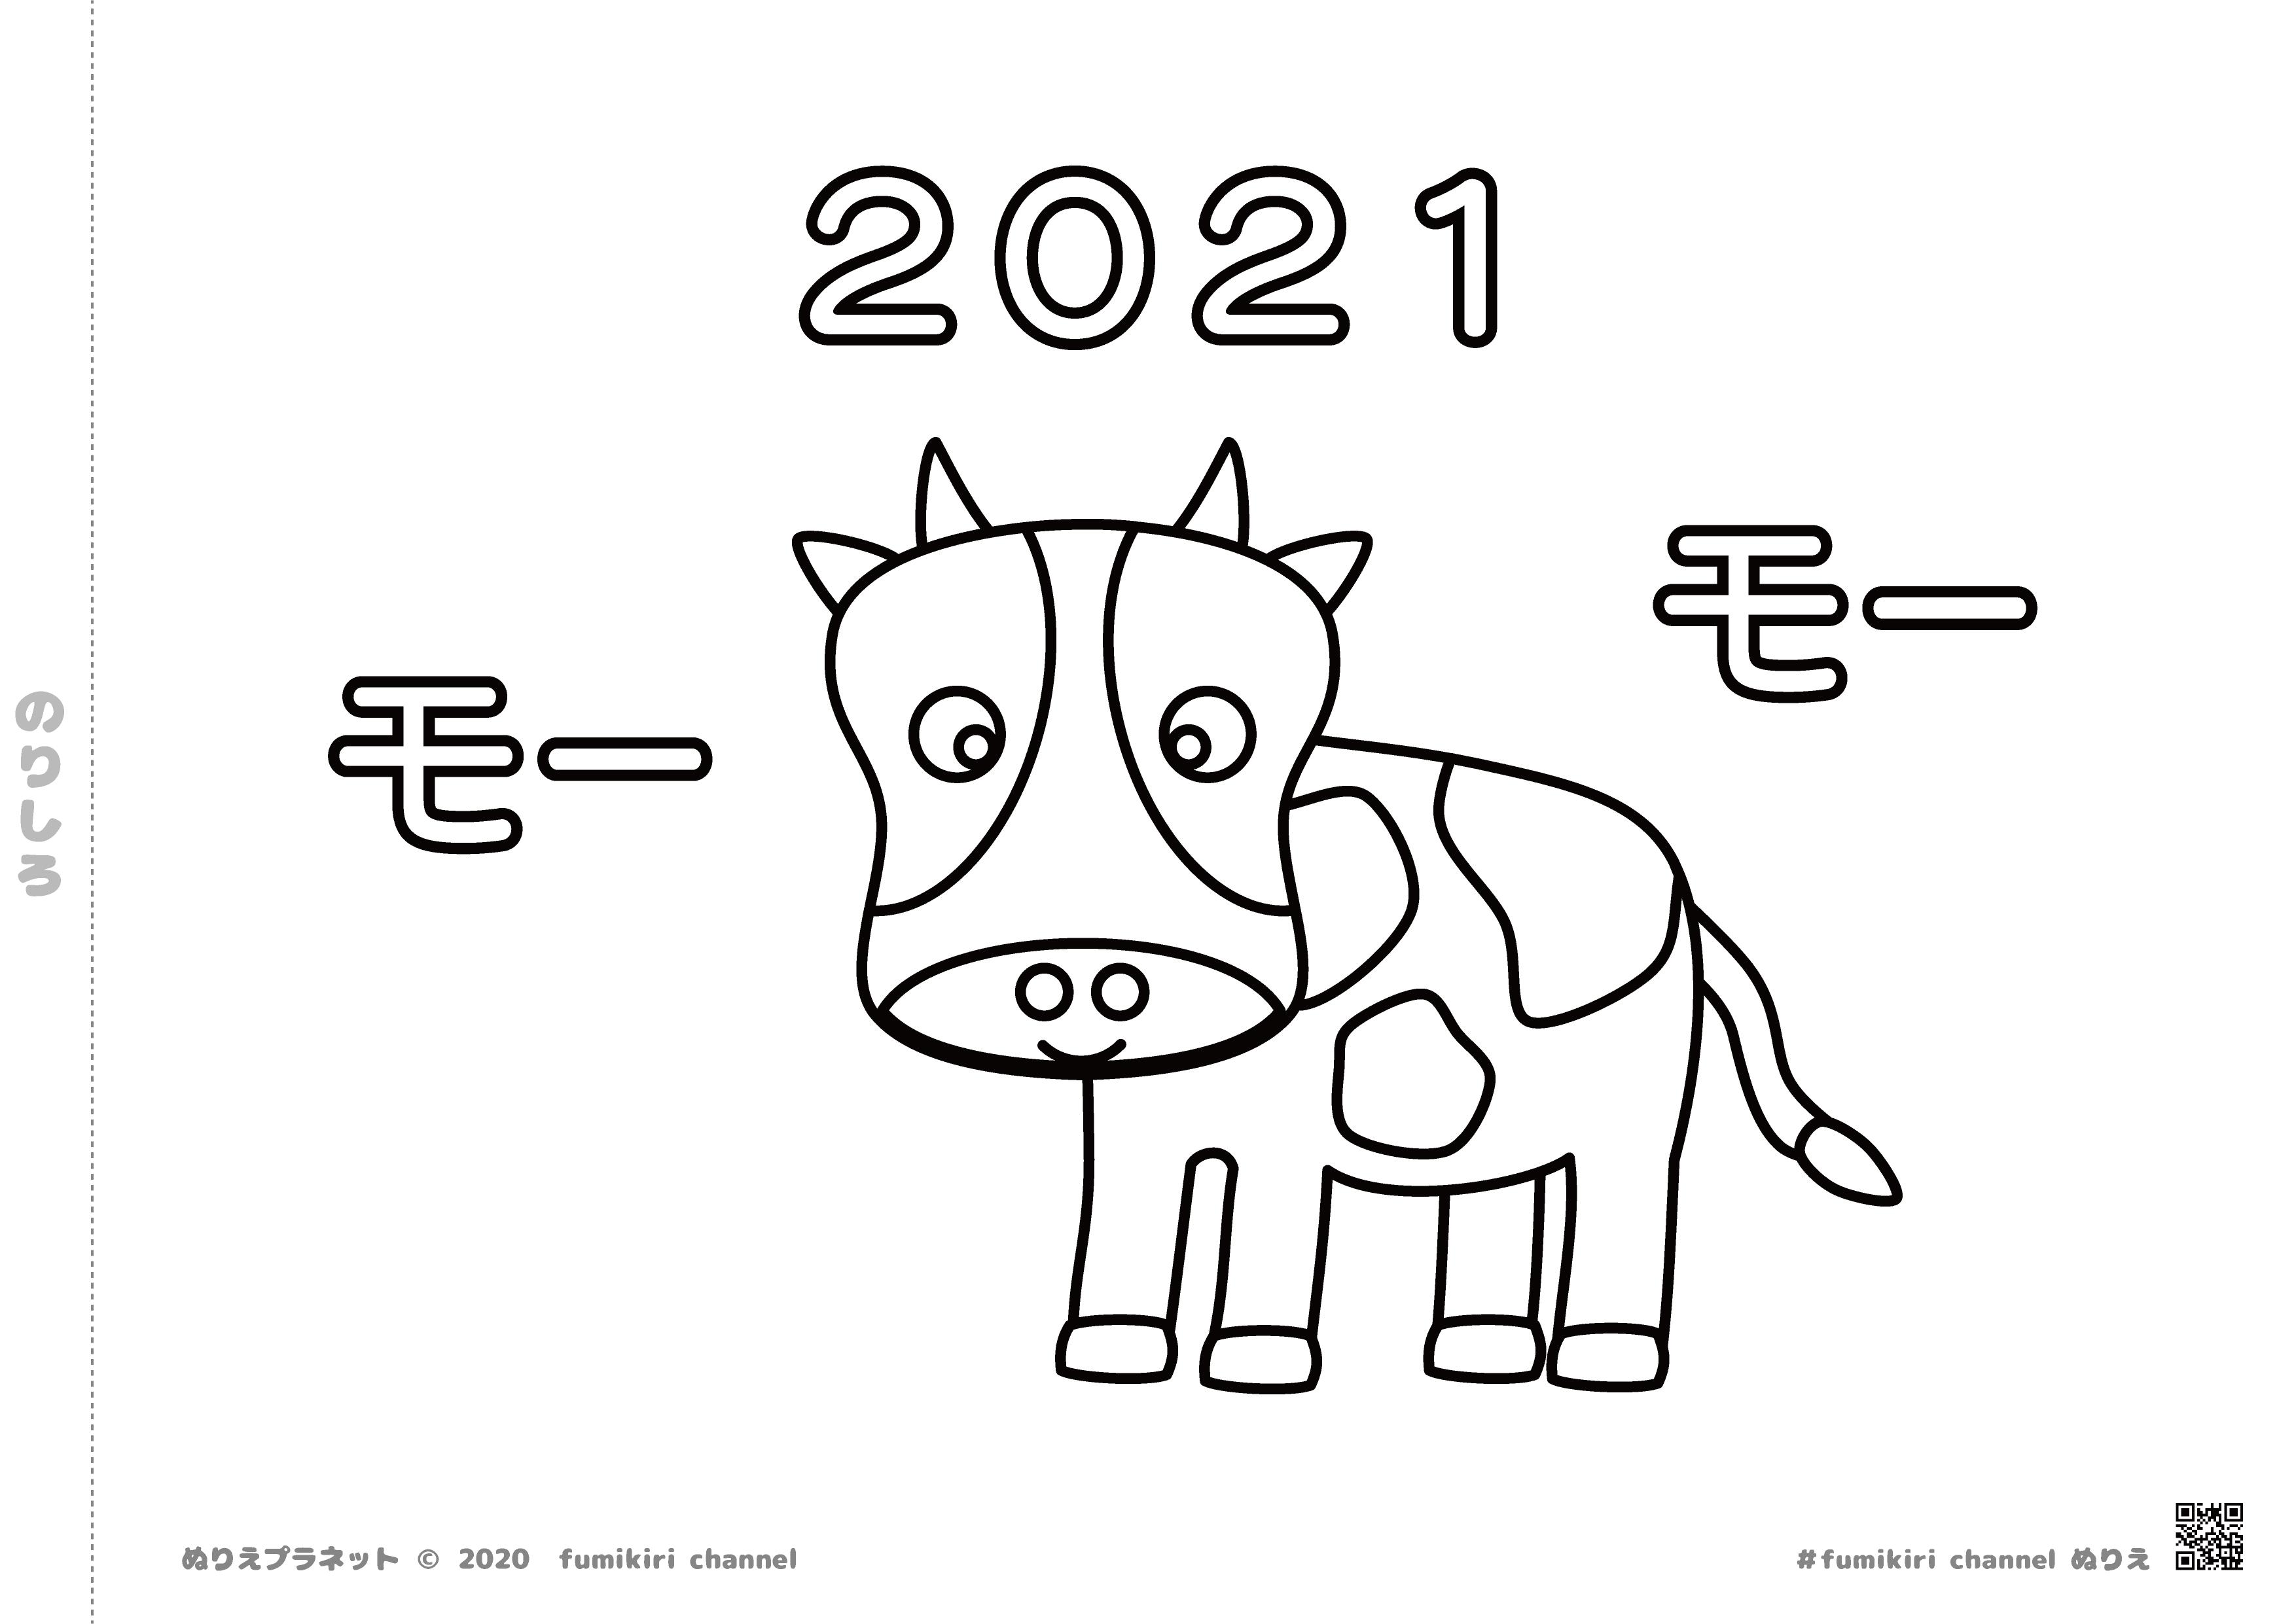 2021年は丑年モーモーのぬりえ